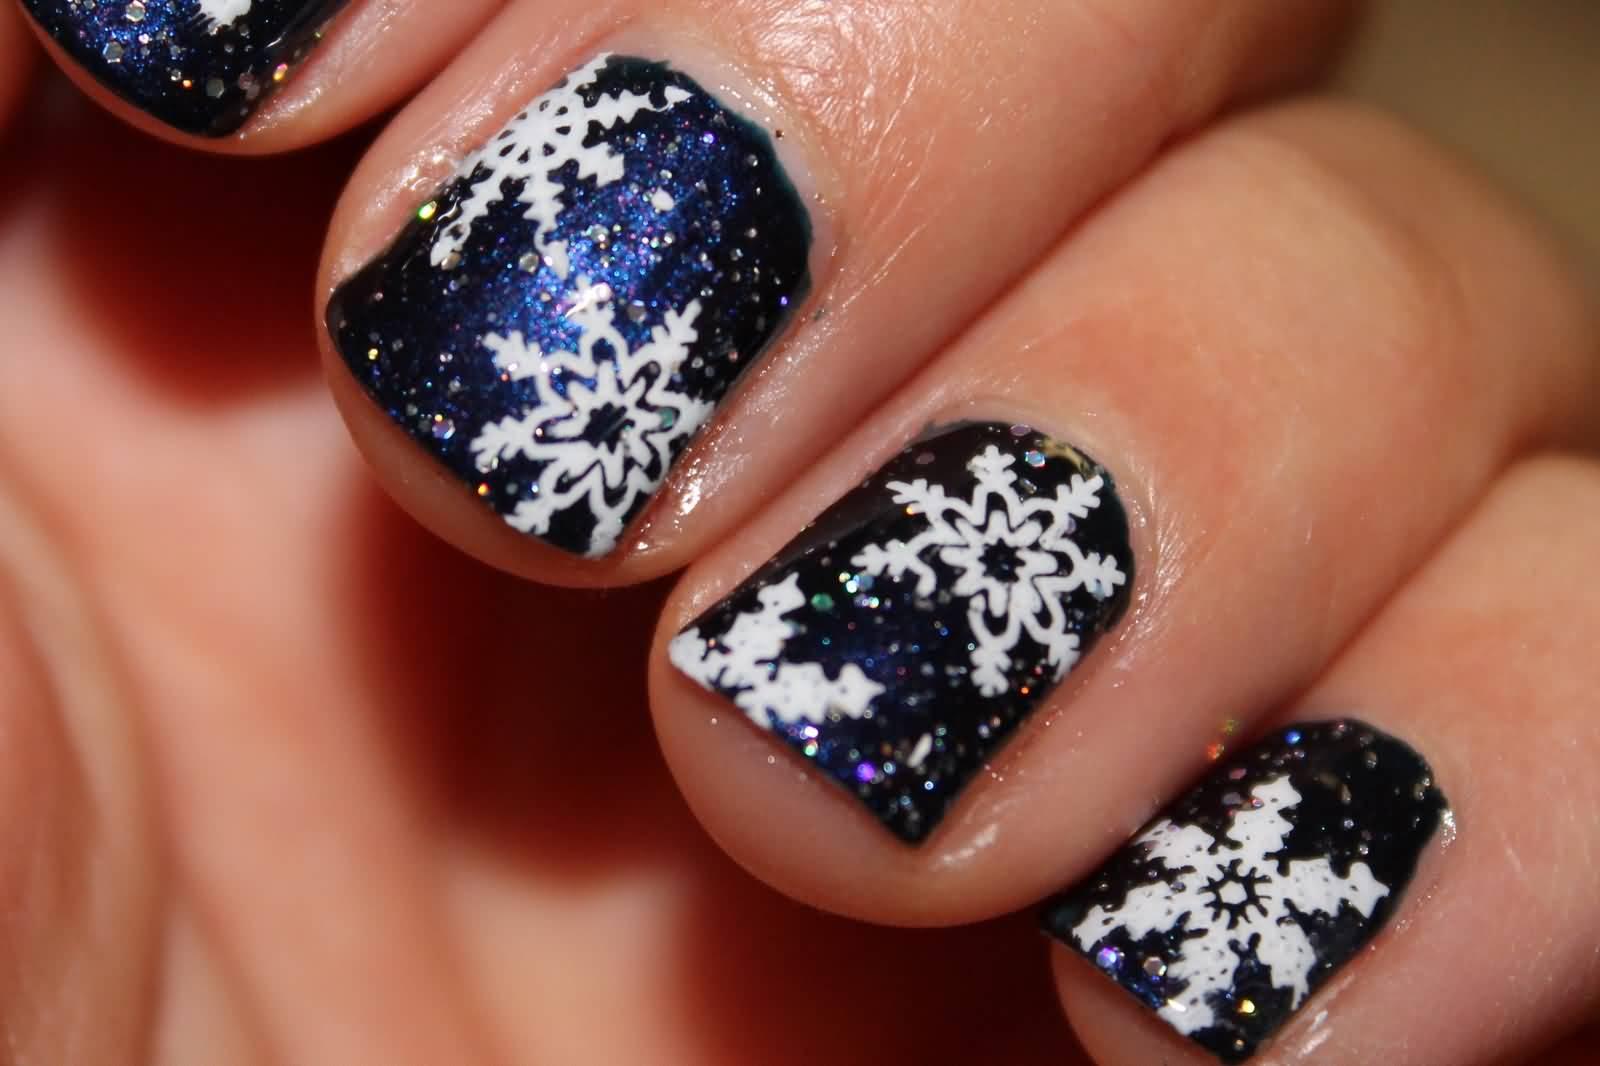 Dark Blue With White Snowflakes Design Christmas Nail Art